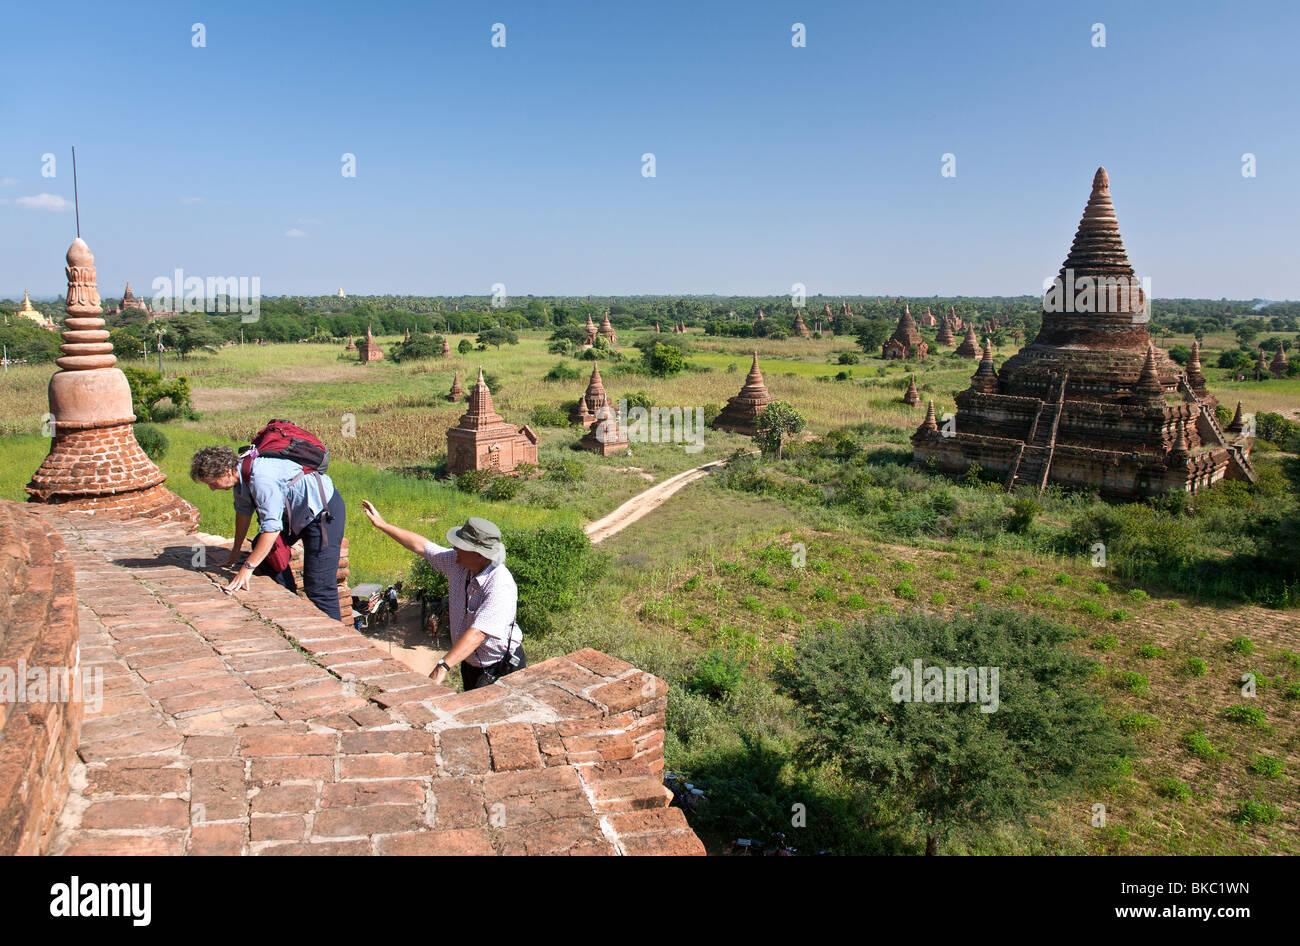 Tourists climbing to the top of a temple. Buledi Group. Bagan. Myanmar Stock Photo